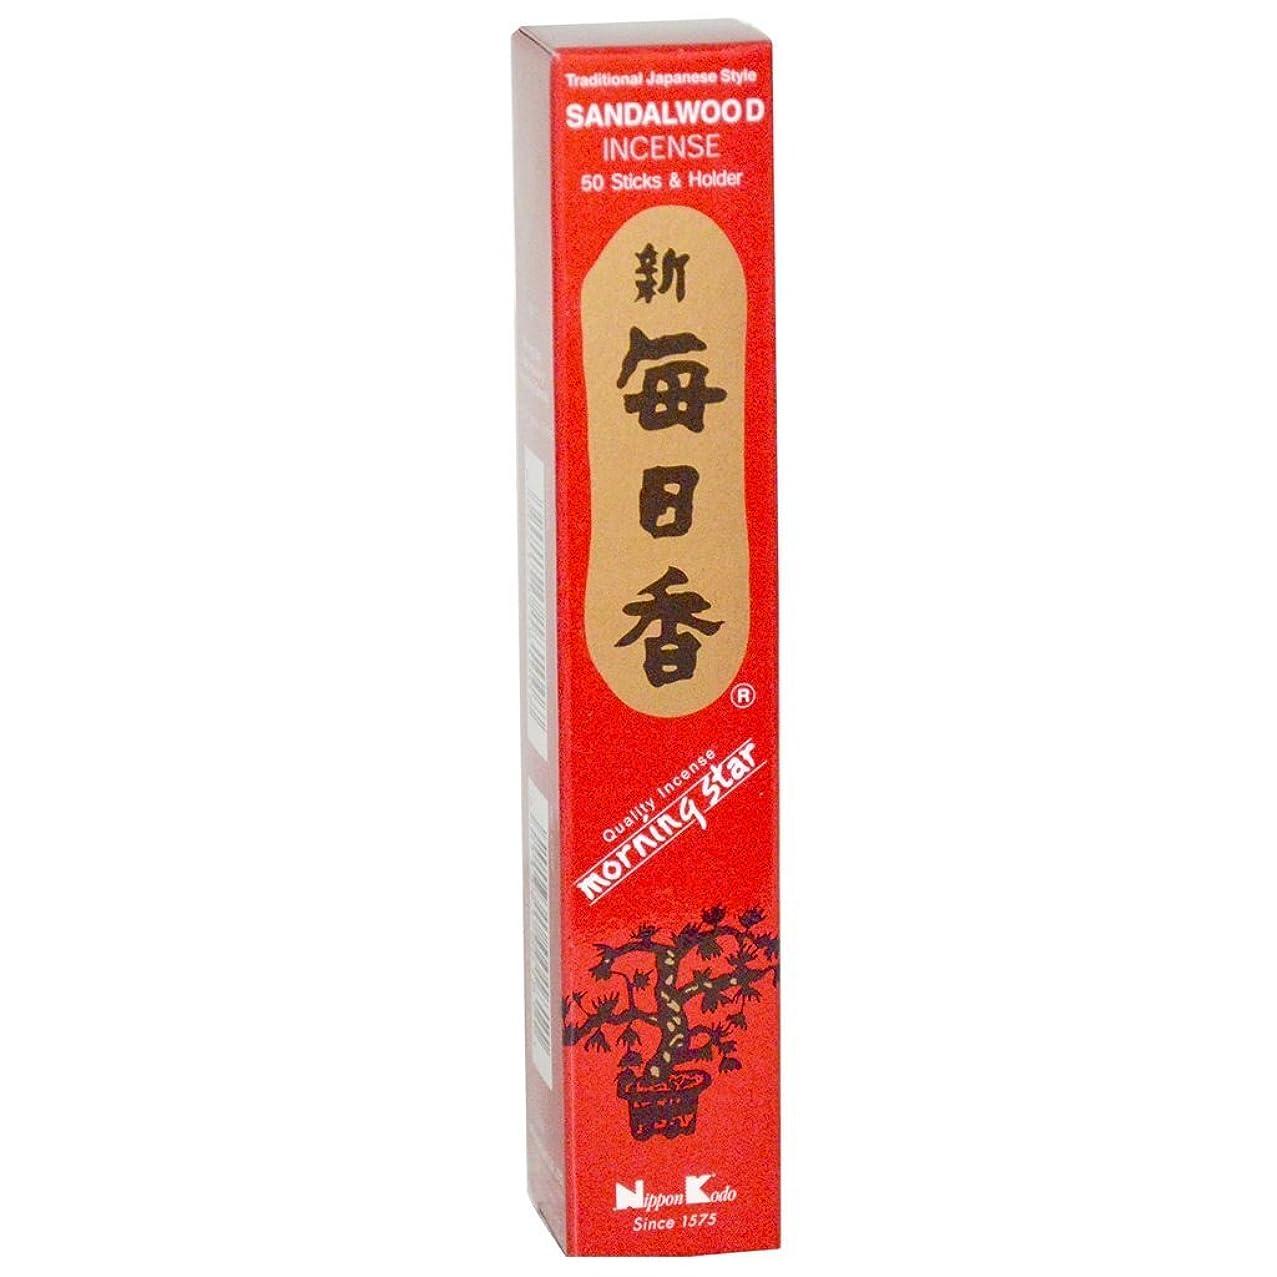 見てテストとらえどころのないSandalwood Morning Star Quality Japanese Incense by Nippon Kodo - 50 Sticks + Holder